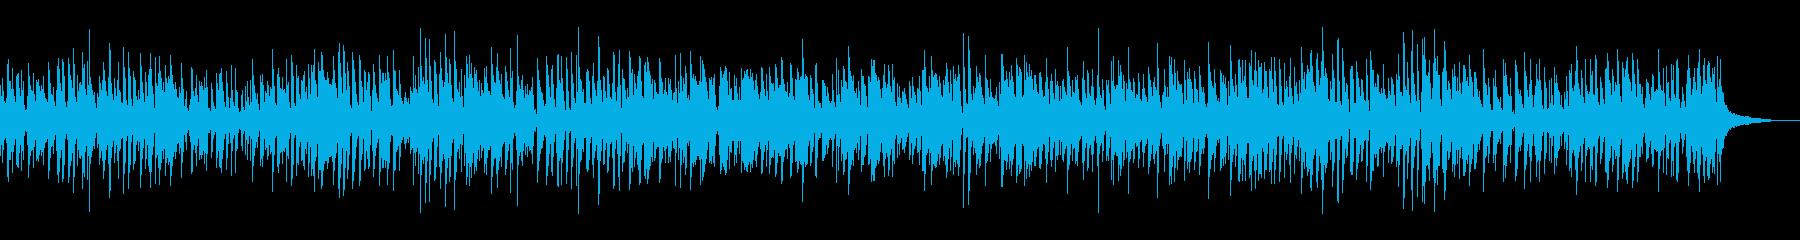 ほのぼのおしゃれピアノジャズ料理カフェ系の再生済みの波形